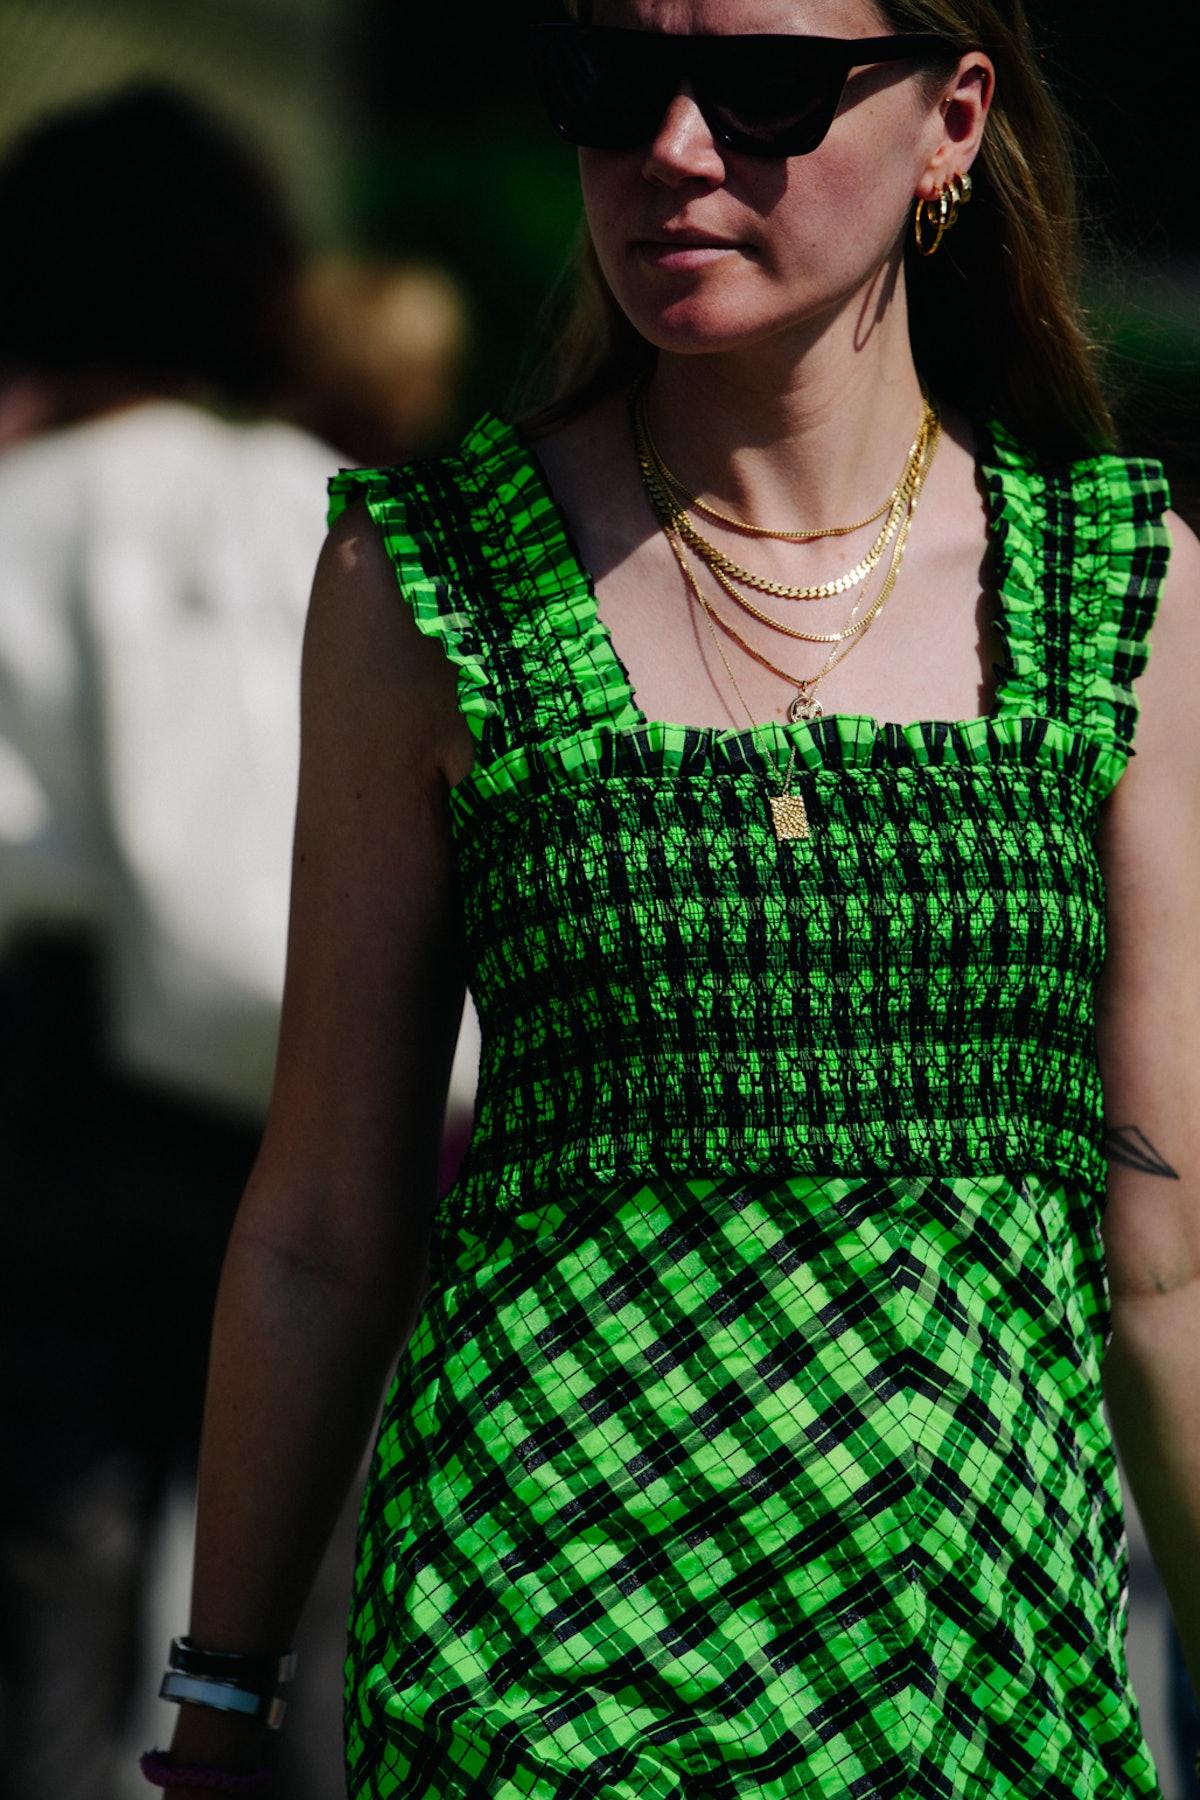 Adam-Katz-Sinding-W-Magazine-Copenhagen-Fashion-Week-Spring-Summer-2020_AKS3532.jpg